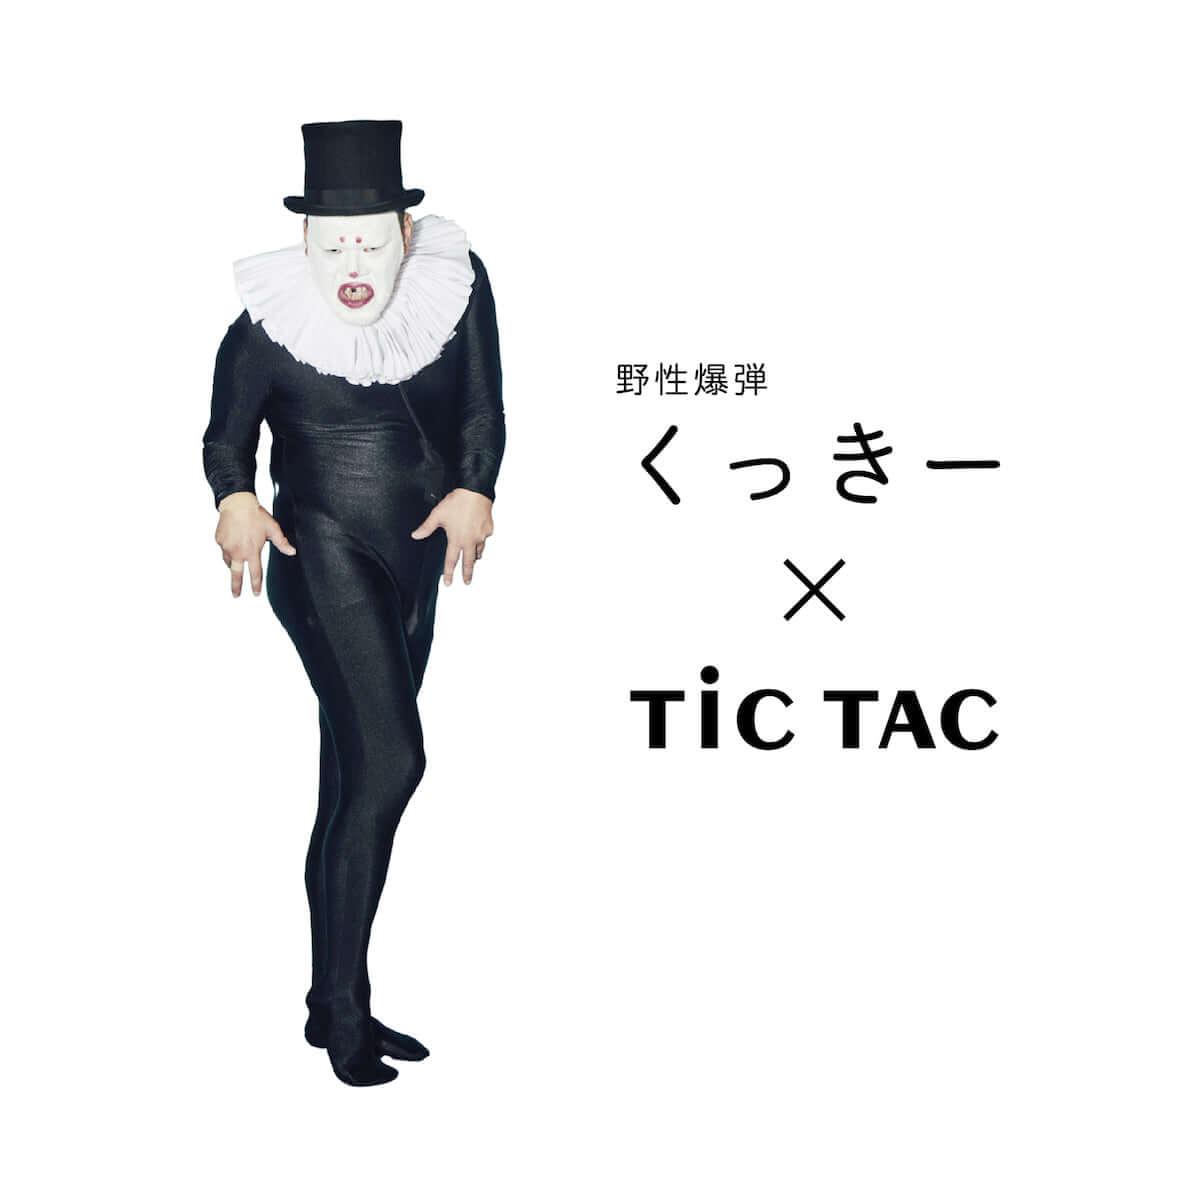 腕時計「TiCTAC」と野生爆弾くっきーのコラボ「ミスティ」と「バランスおじさん」の2種が限定発売 art-culture190109-tic-tac-3-1200x1200